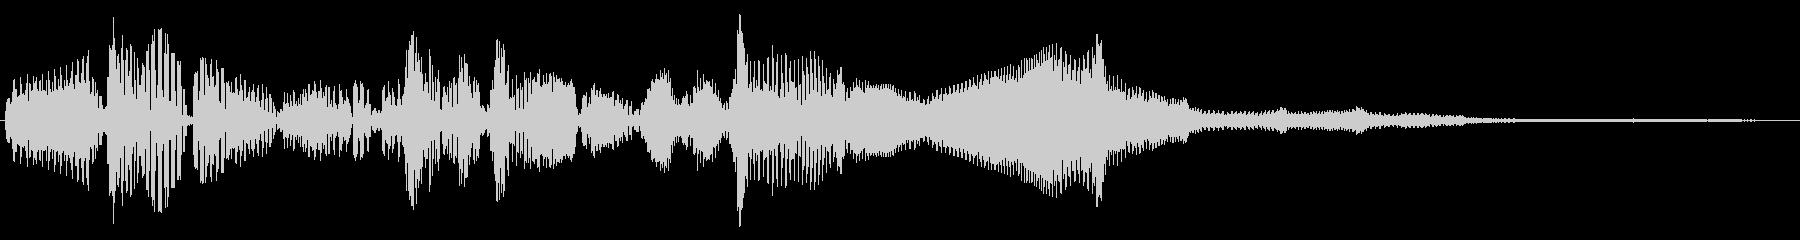 重い物を回しているような音の未再生の波形